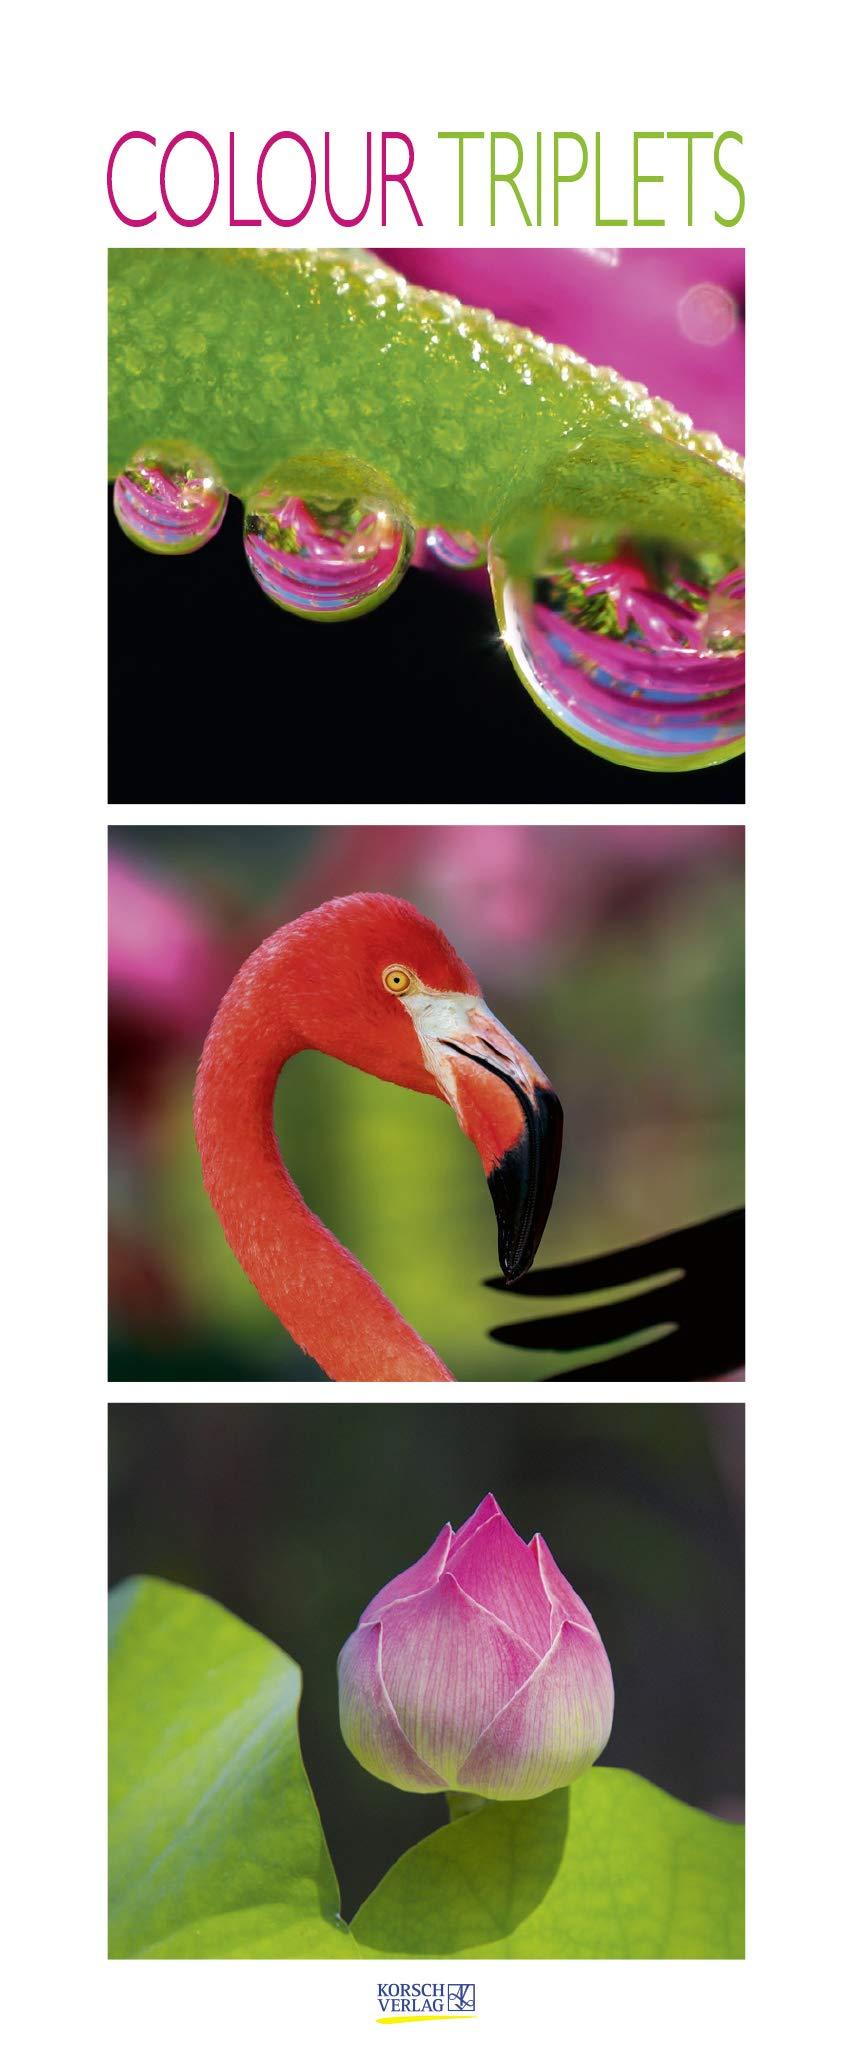 Colour Triplets 2020  Schmaler Wandkalender. Foto Kunstkalender Mit Farblich Abgestimmten Bildern. PhotoArt Vertikal. 285 X 69 Cm. Edles Foliendeckblatt.